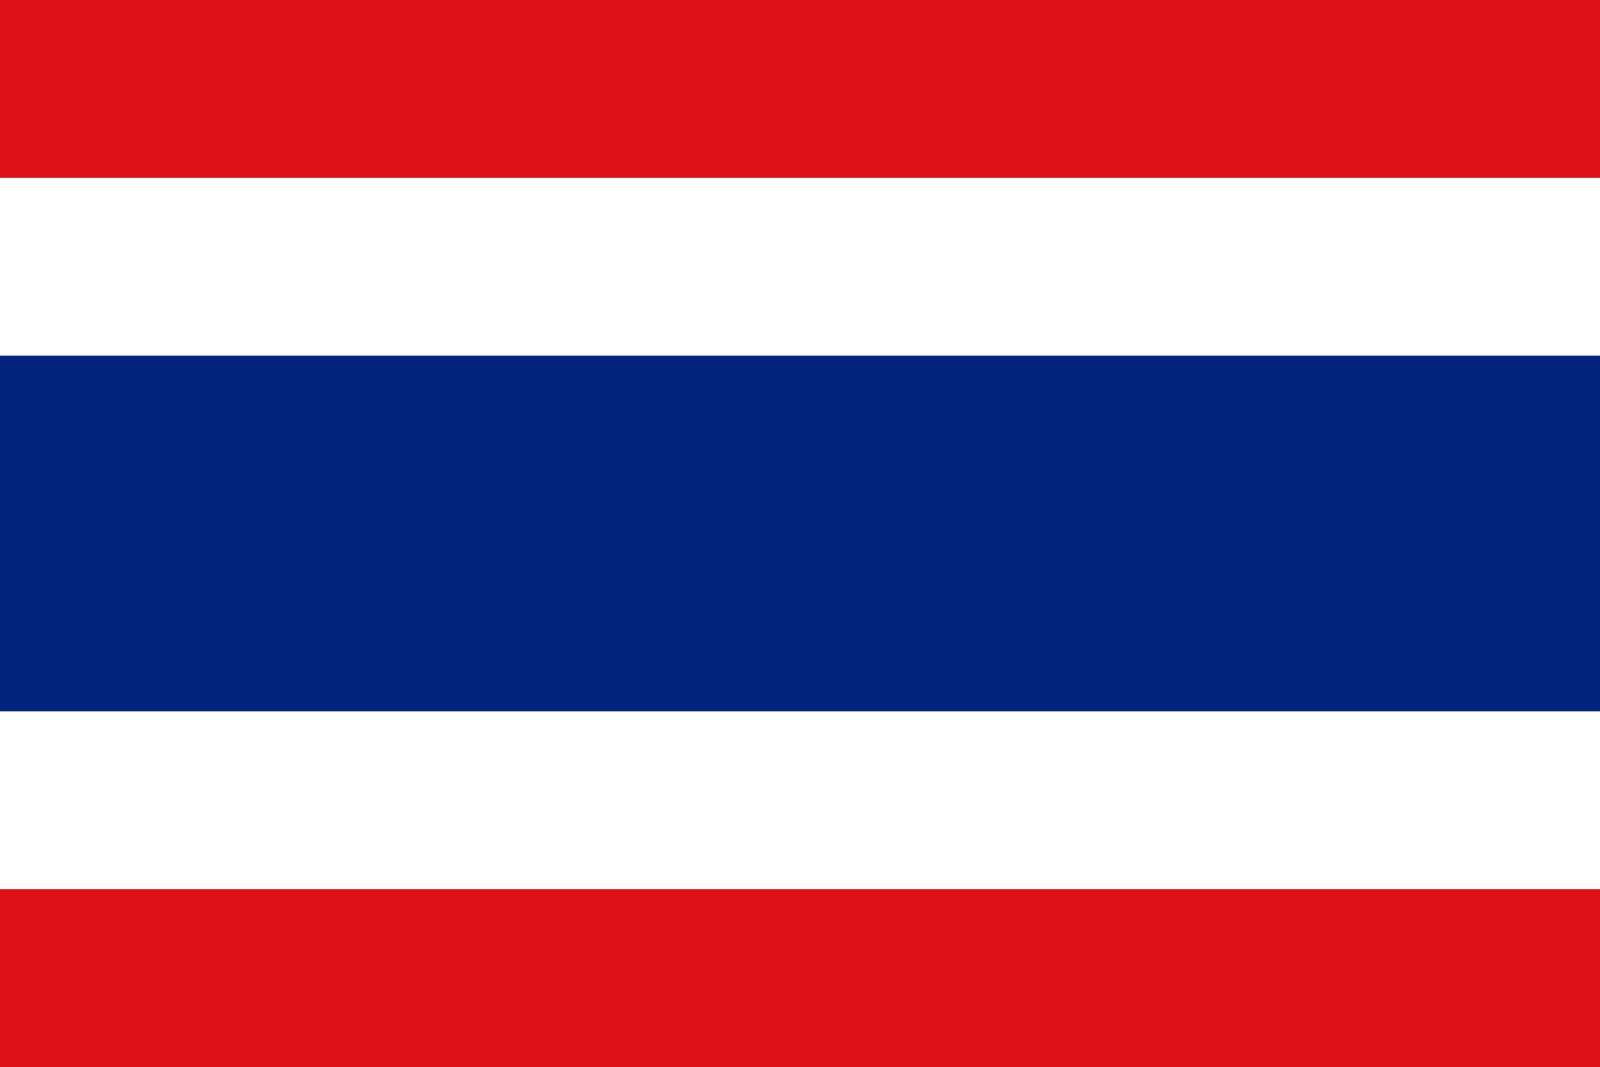 thailandflag.png